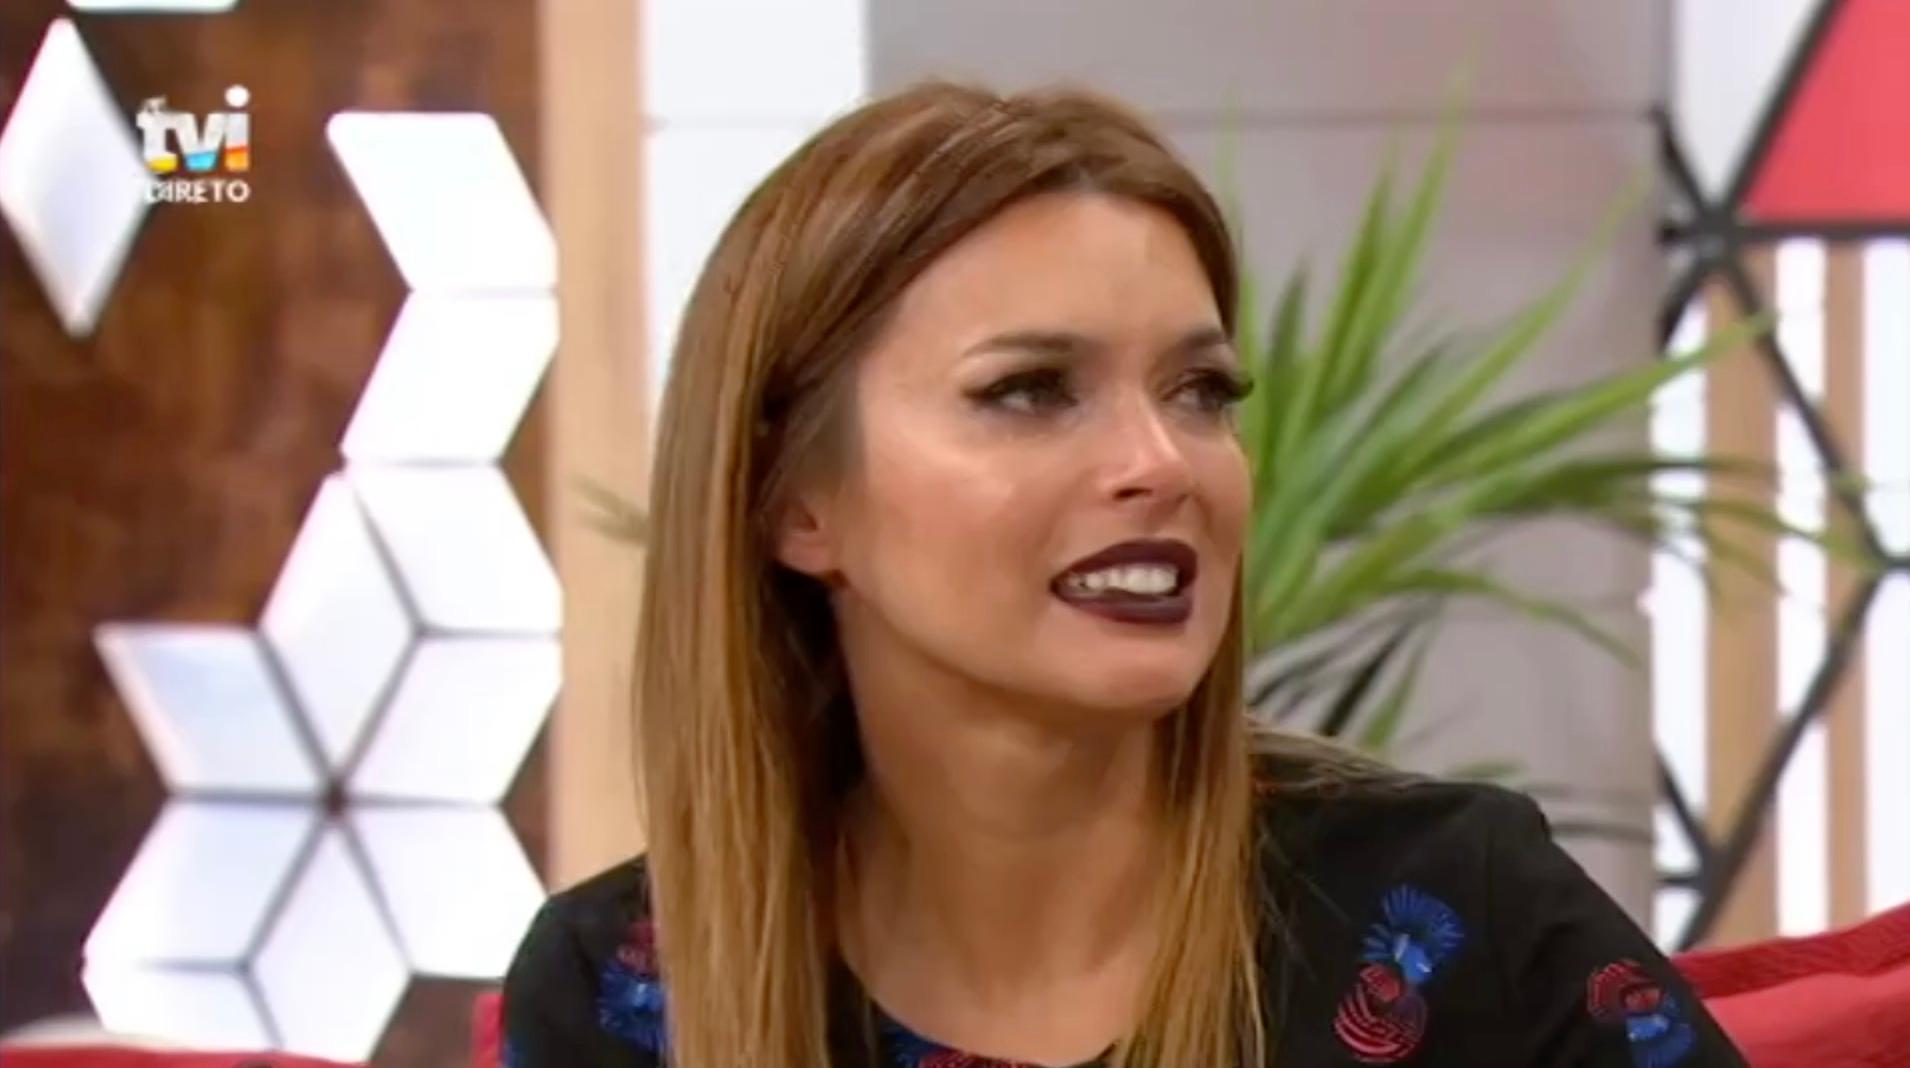 Maria Cerqueira Gomes Ex-Companheiro De Maria Cerqueira Gomes Tem Uma Nova Namorada